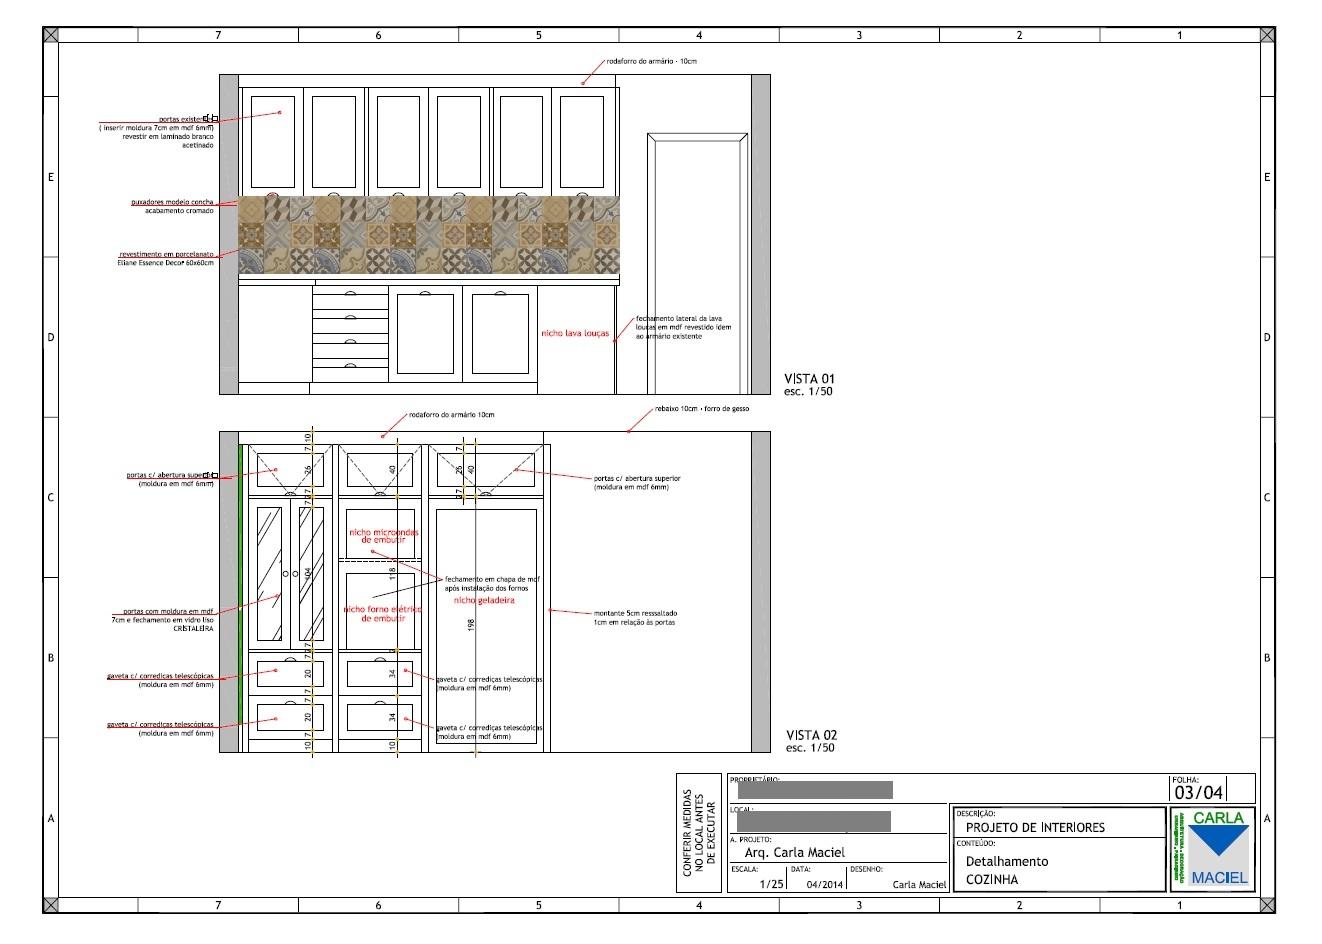 blog de decoração Arquitrecos: Projeto Arquitrecos on line! #1161B5 1322x944 Banheiro Acessivel Cad Blocos